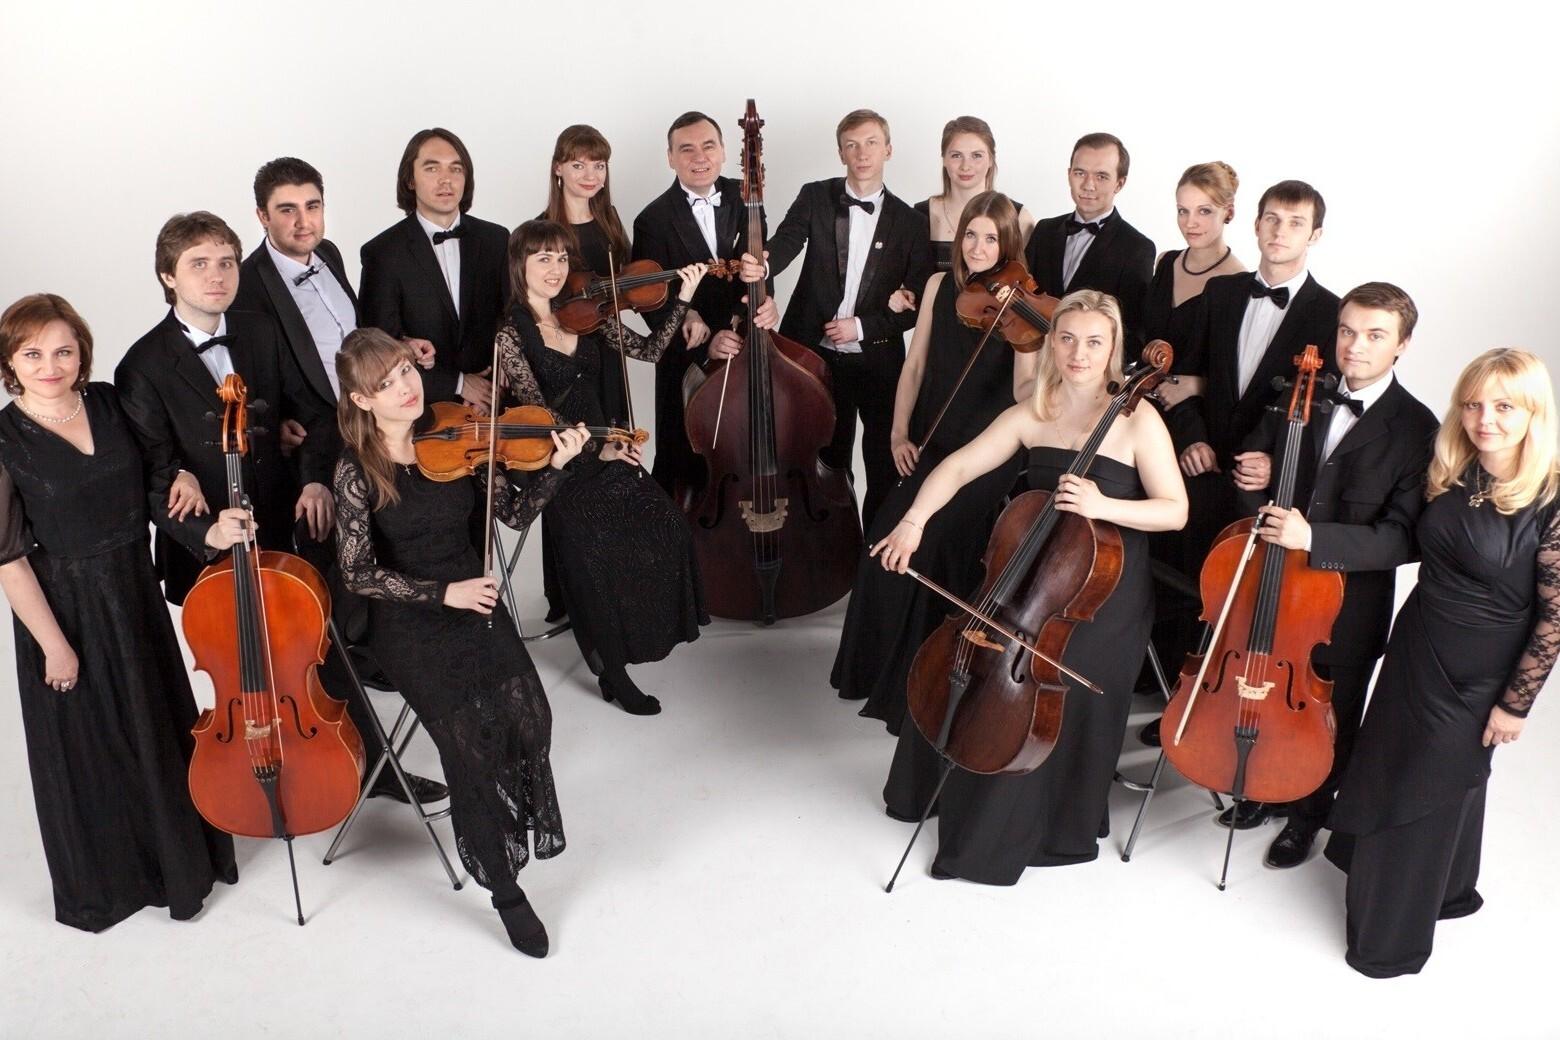 25 лет оркестру. С днем рождения!